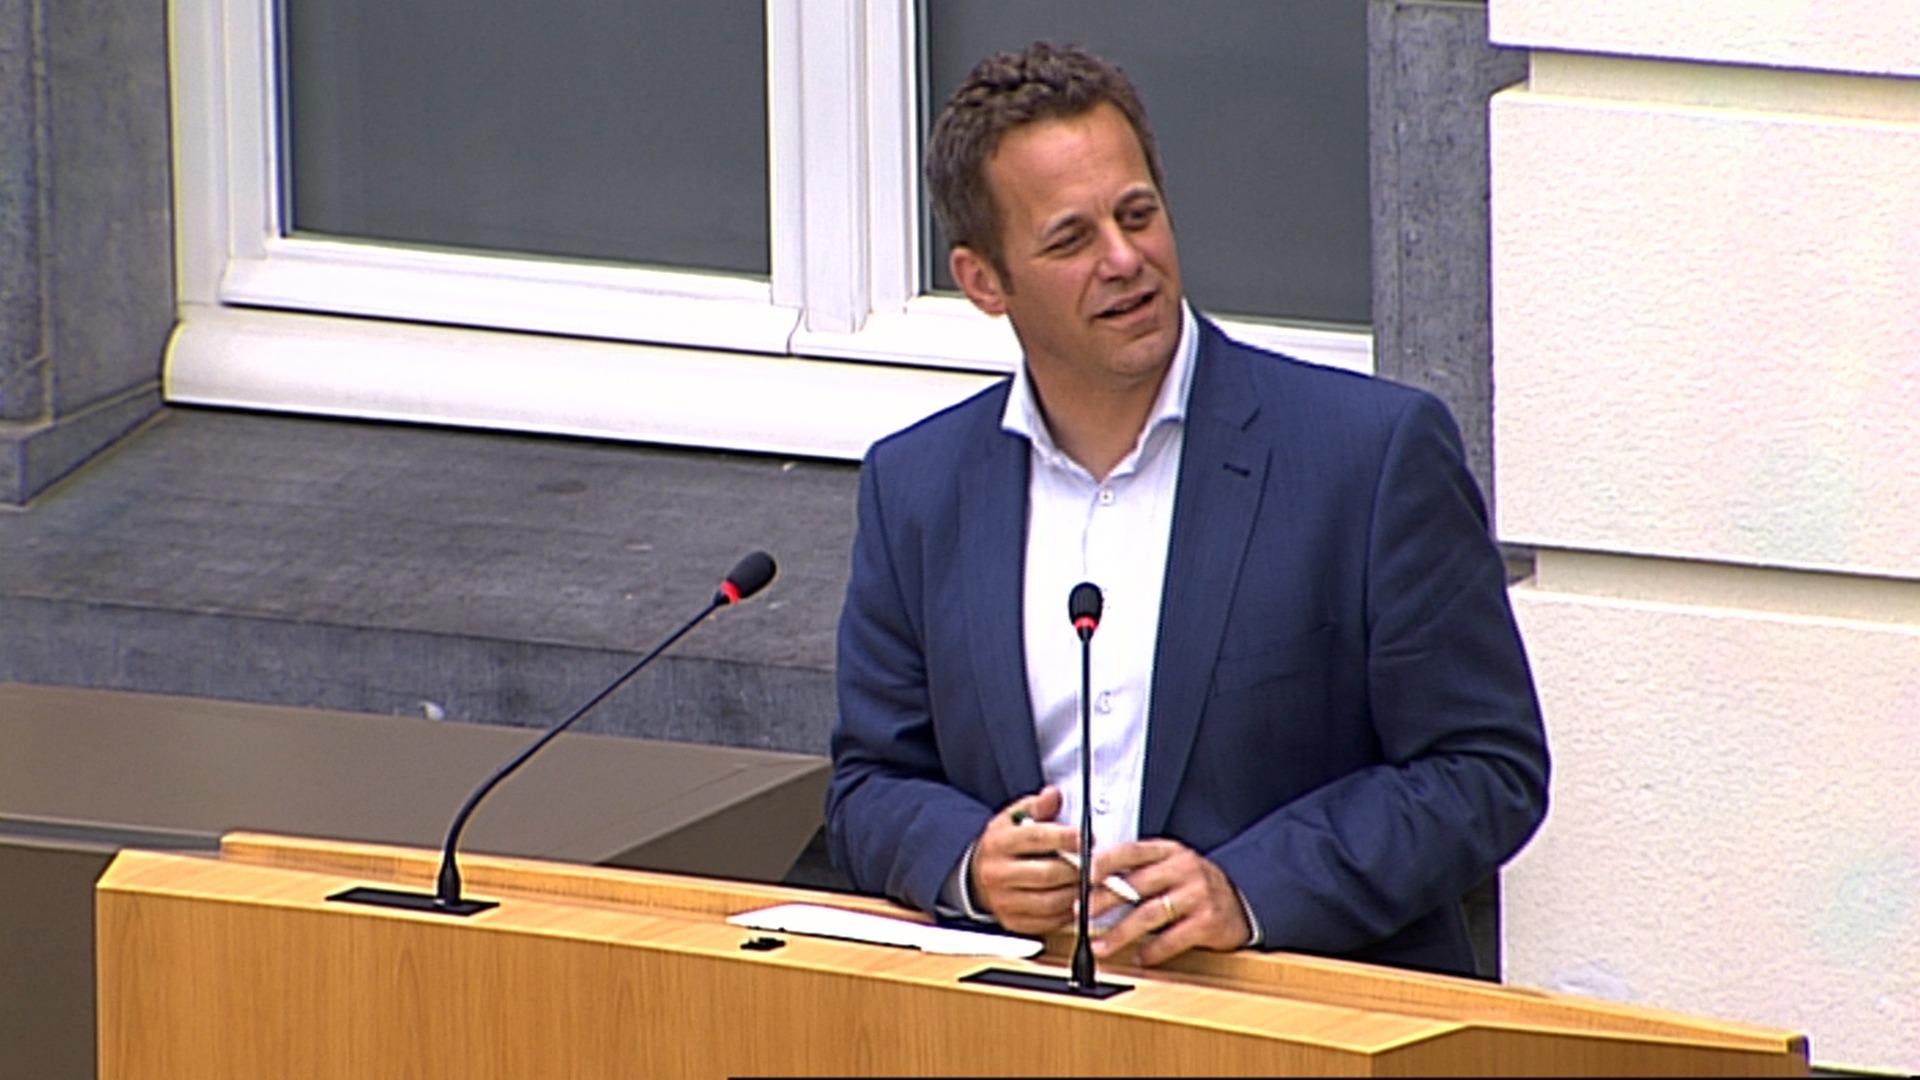 #spraakmakers: 'Zet de historische fout van Karel De Gucht recht' - Robrecht Bothuyne